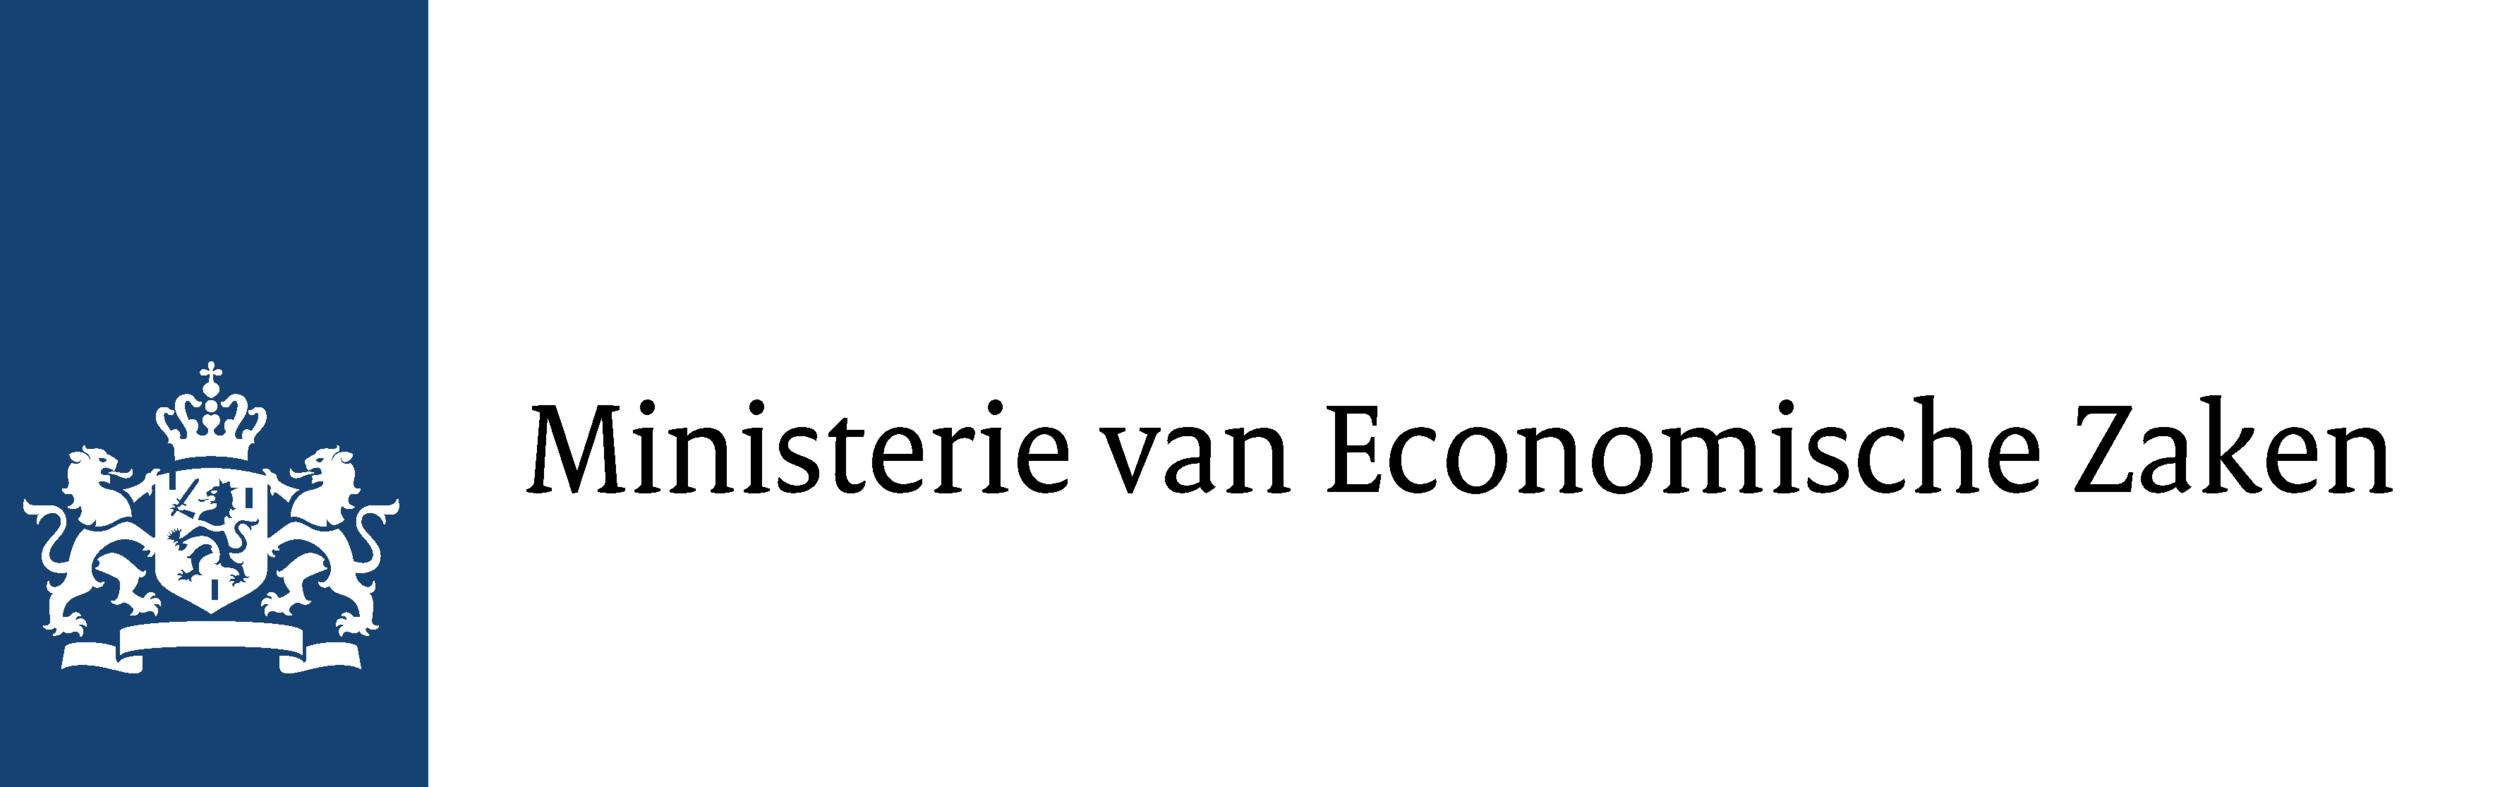 Ministerie_van_Economische_Zaken_Logo.png